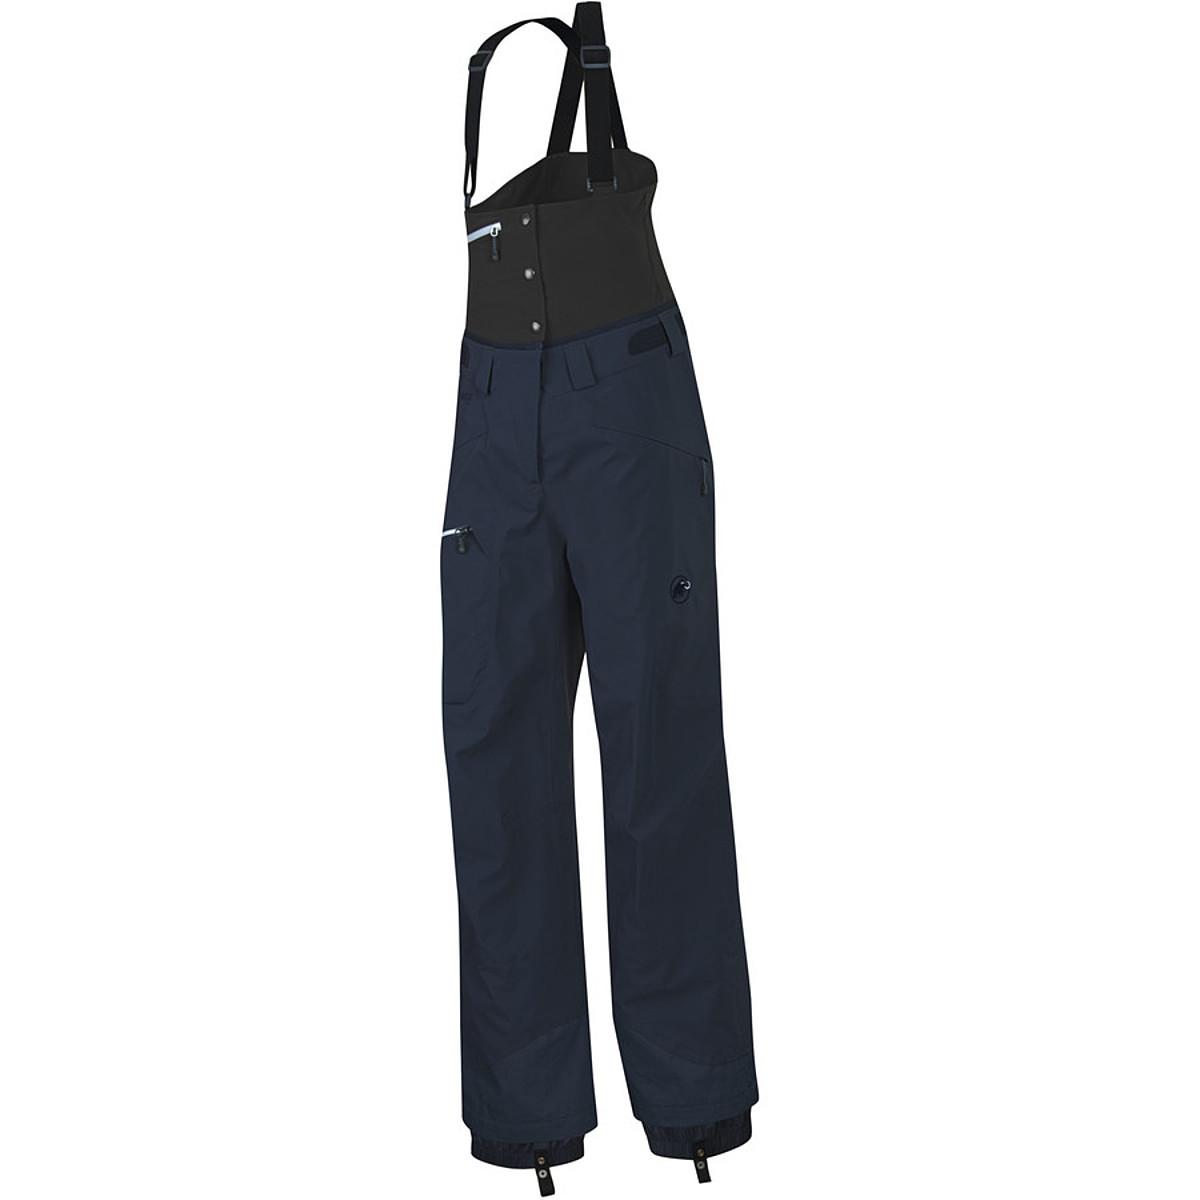 Mammut Sunridge GTX Pro 3L Bib Pants